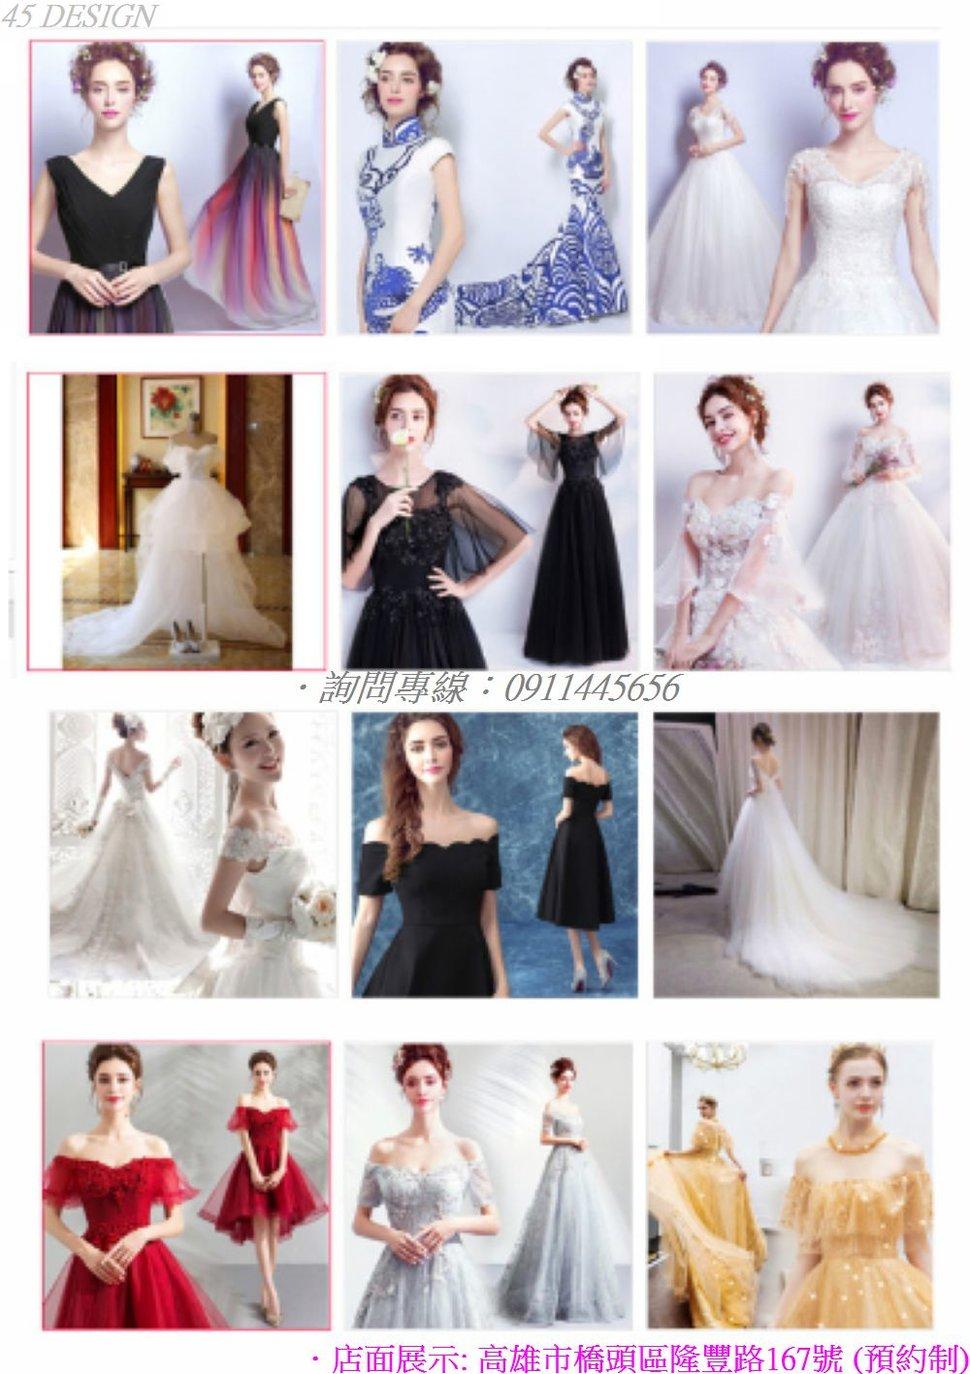 msl190815280C95F099394BCD8C273A8E89F808A4 - 全台最便宜-45DESIGN四五婚紗禮服《結婚吧》